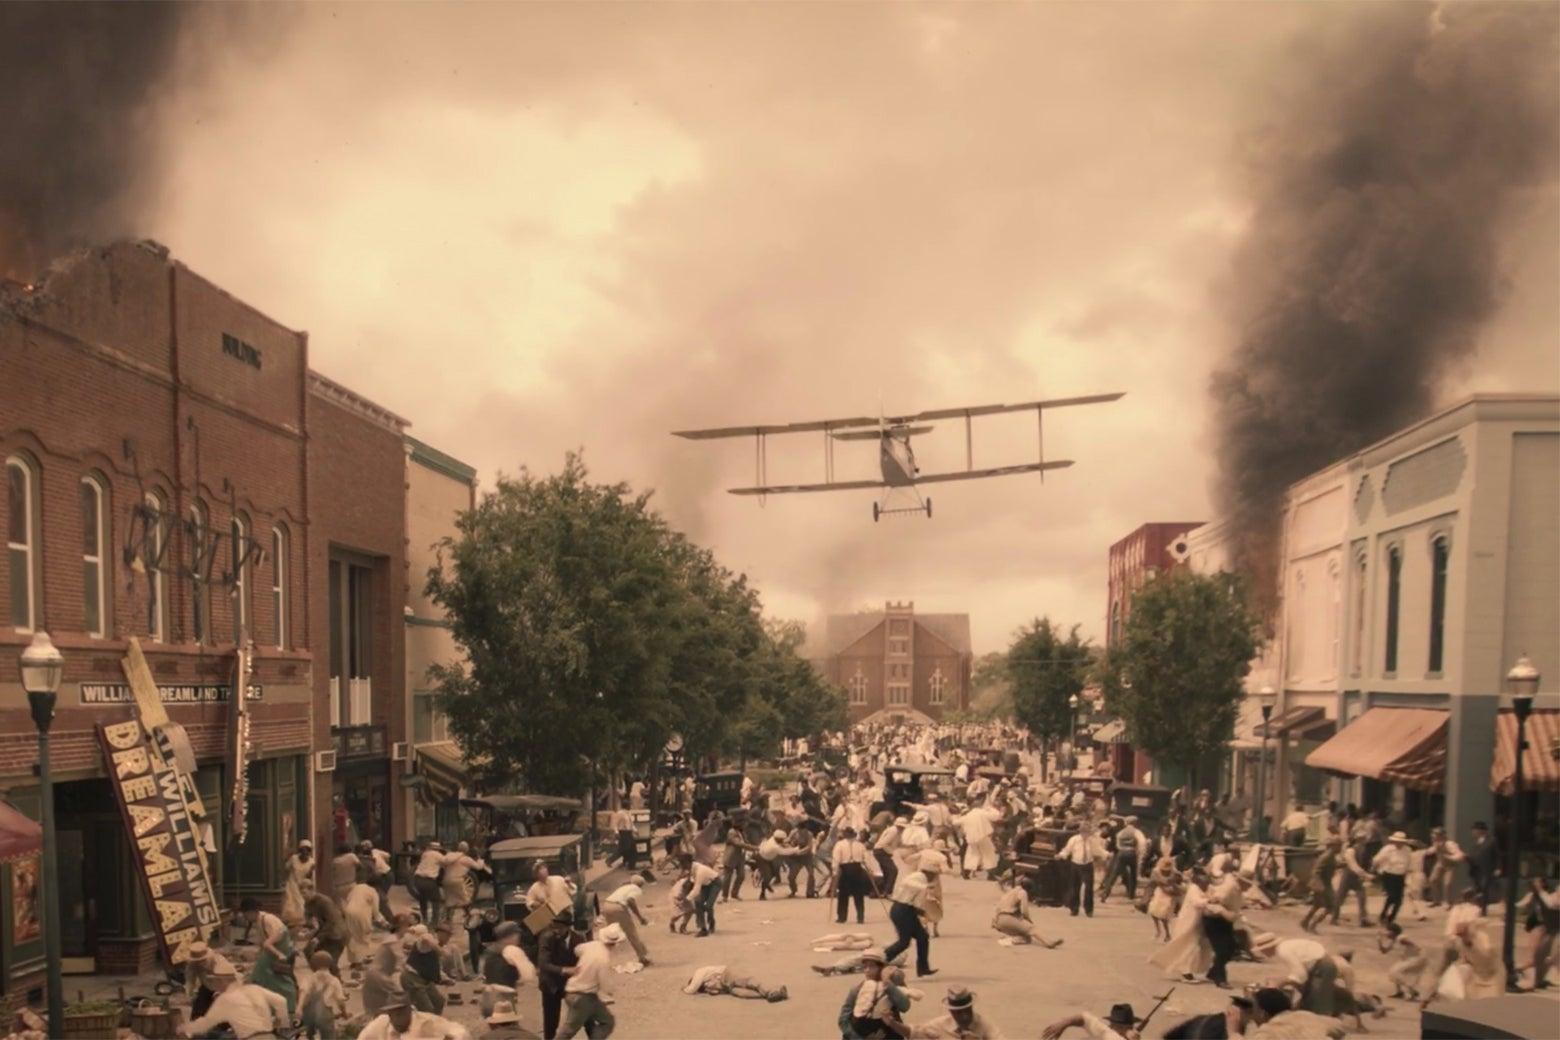 slate.com - Buck Colbert Franklin - Read an Eyewitness Account of the Massacre That Opens Watchmen